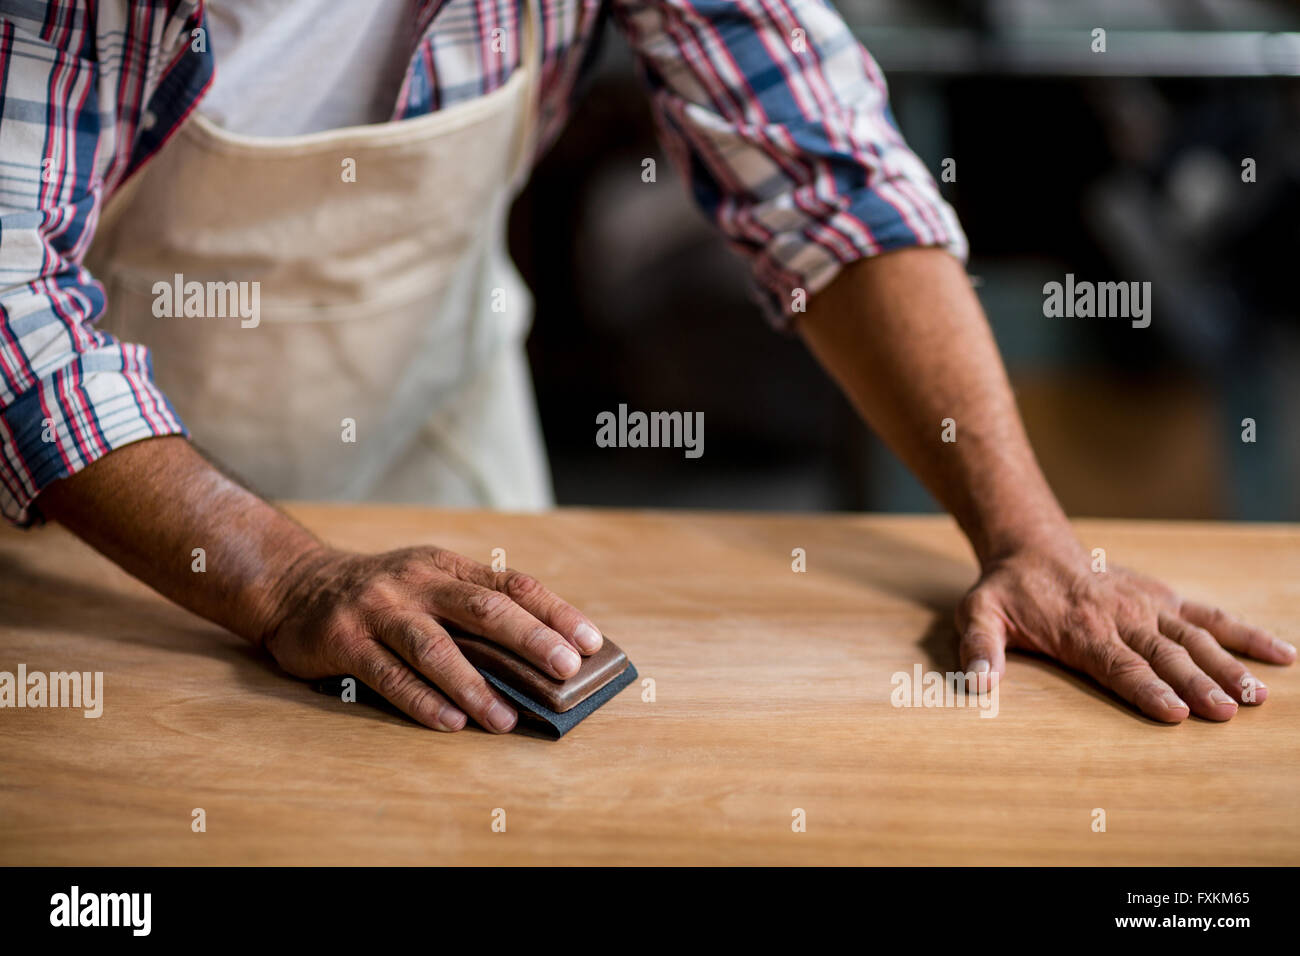 Tischler Holz Reiben Mit Schleifklotz Stockfoto Bild 102465837 Alamy